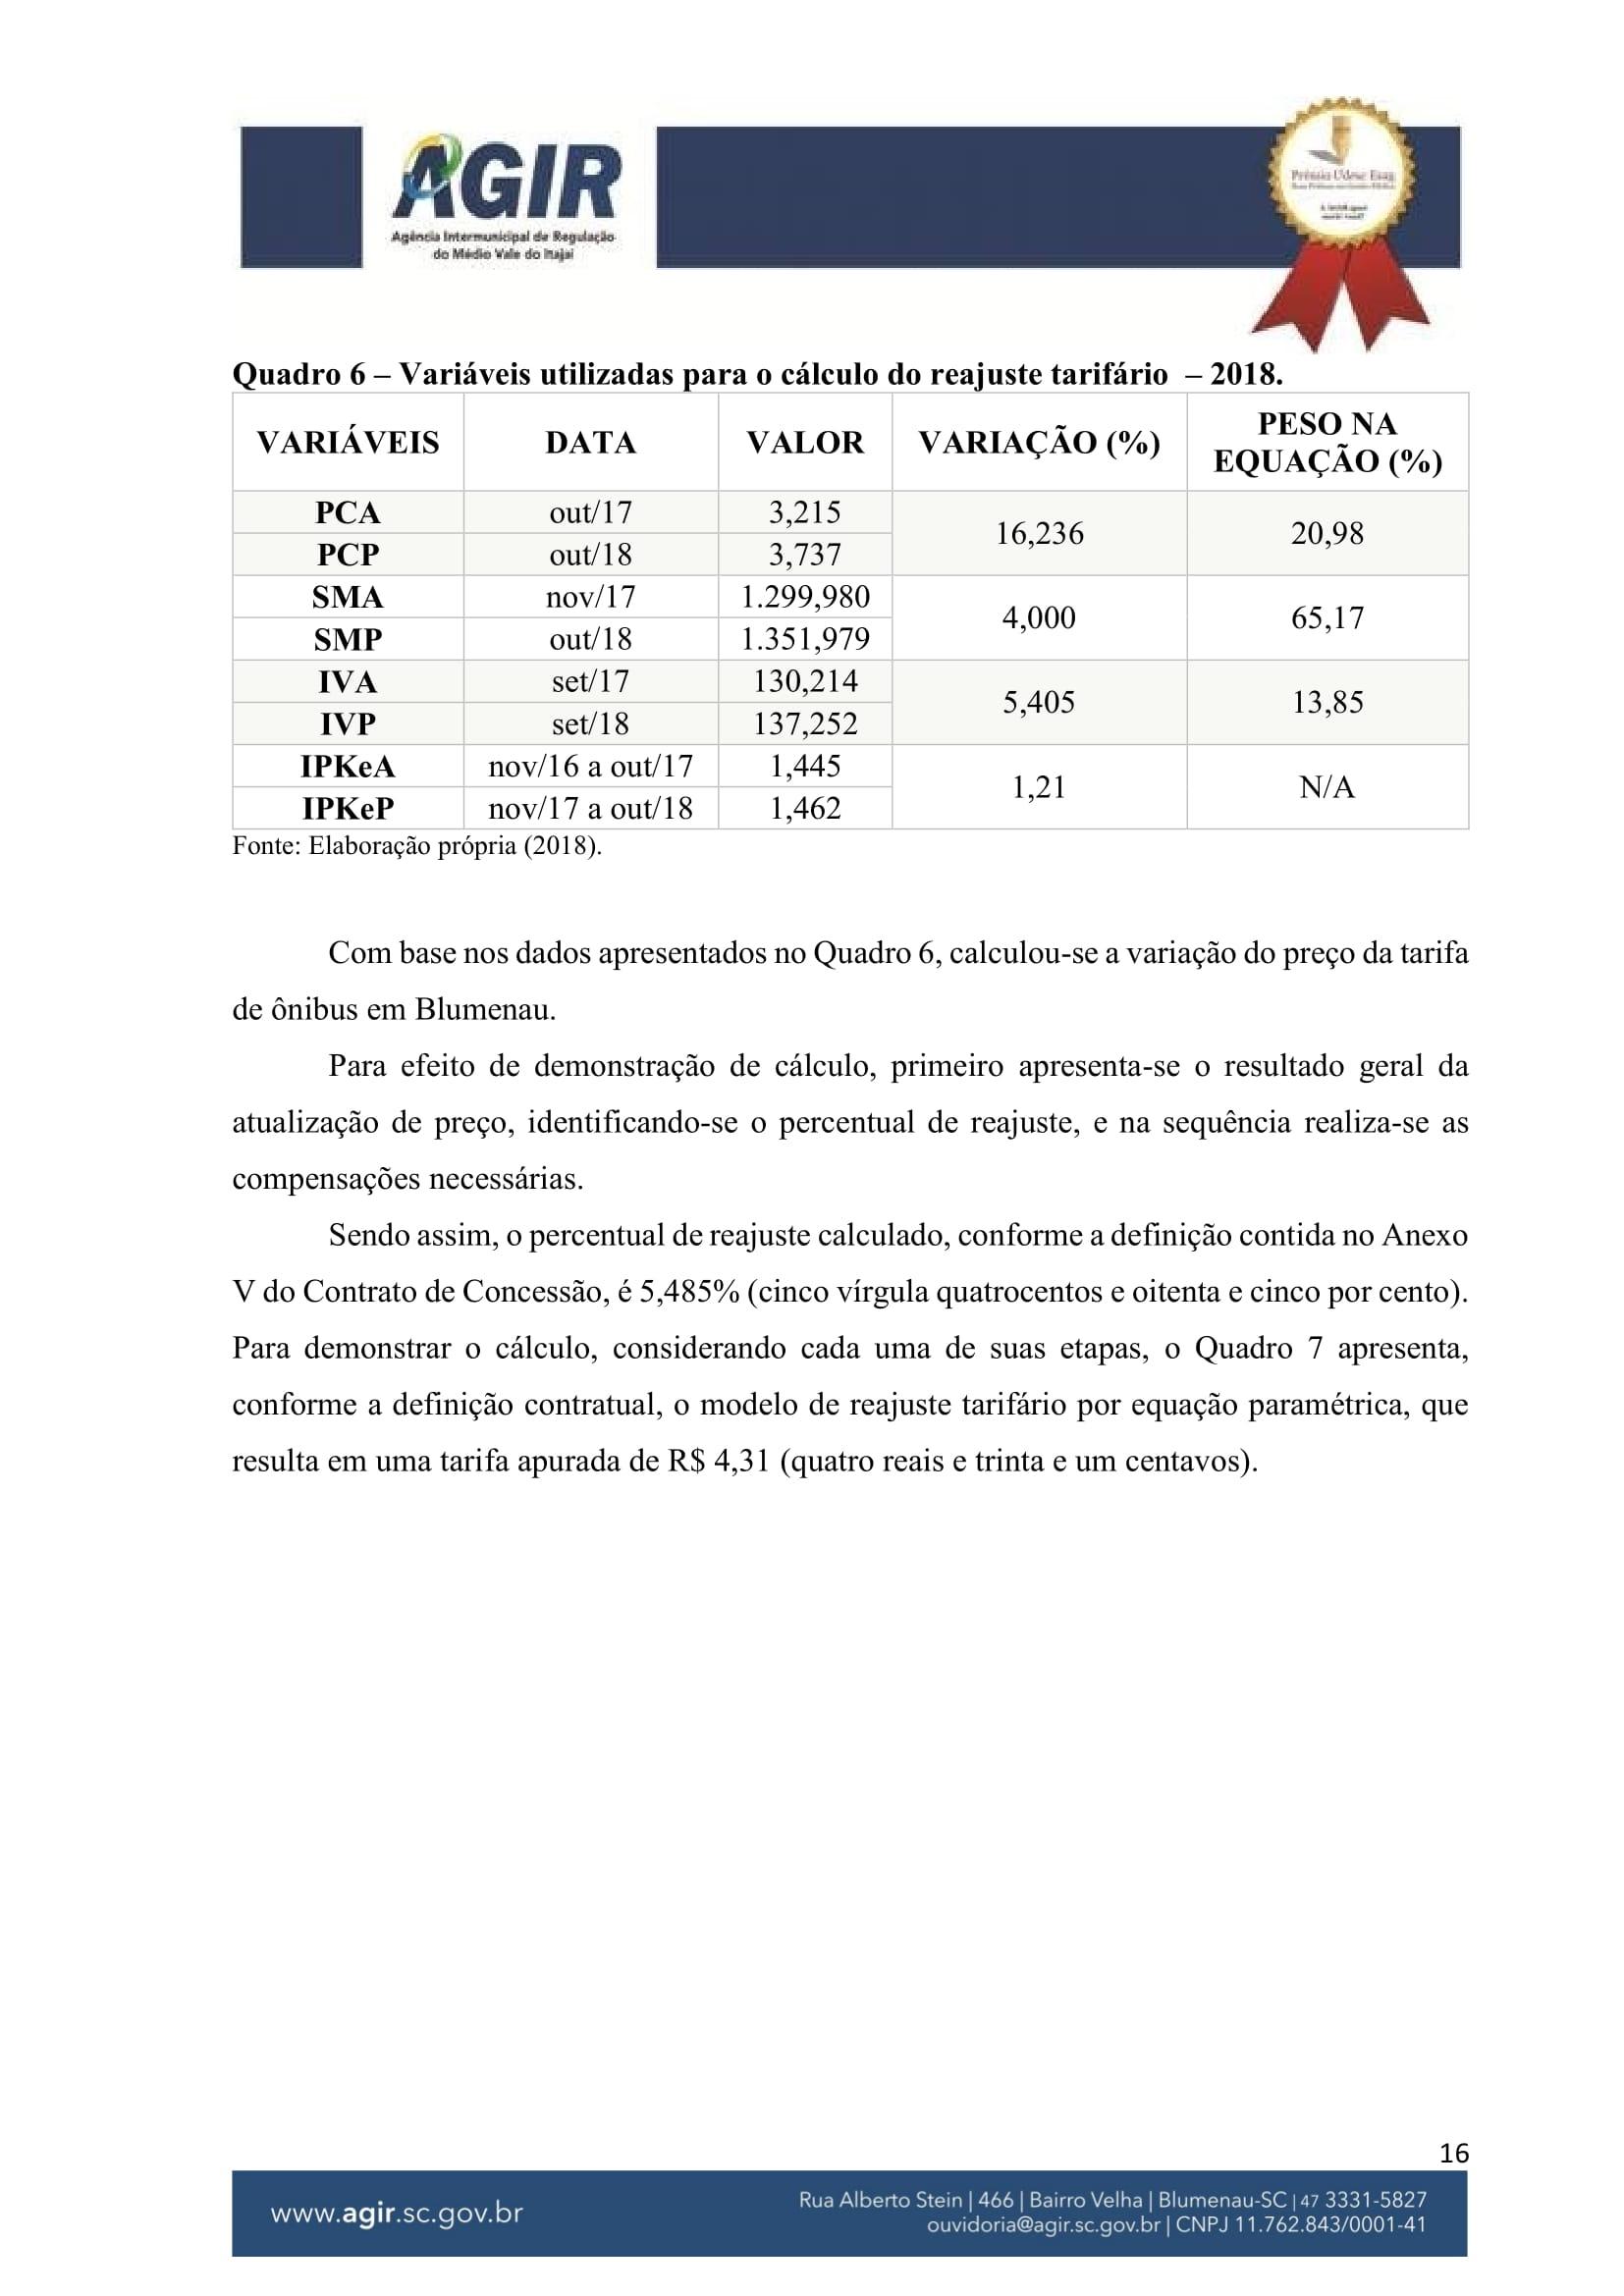 Parecer Administrativo nº 70-2018-16